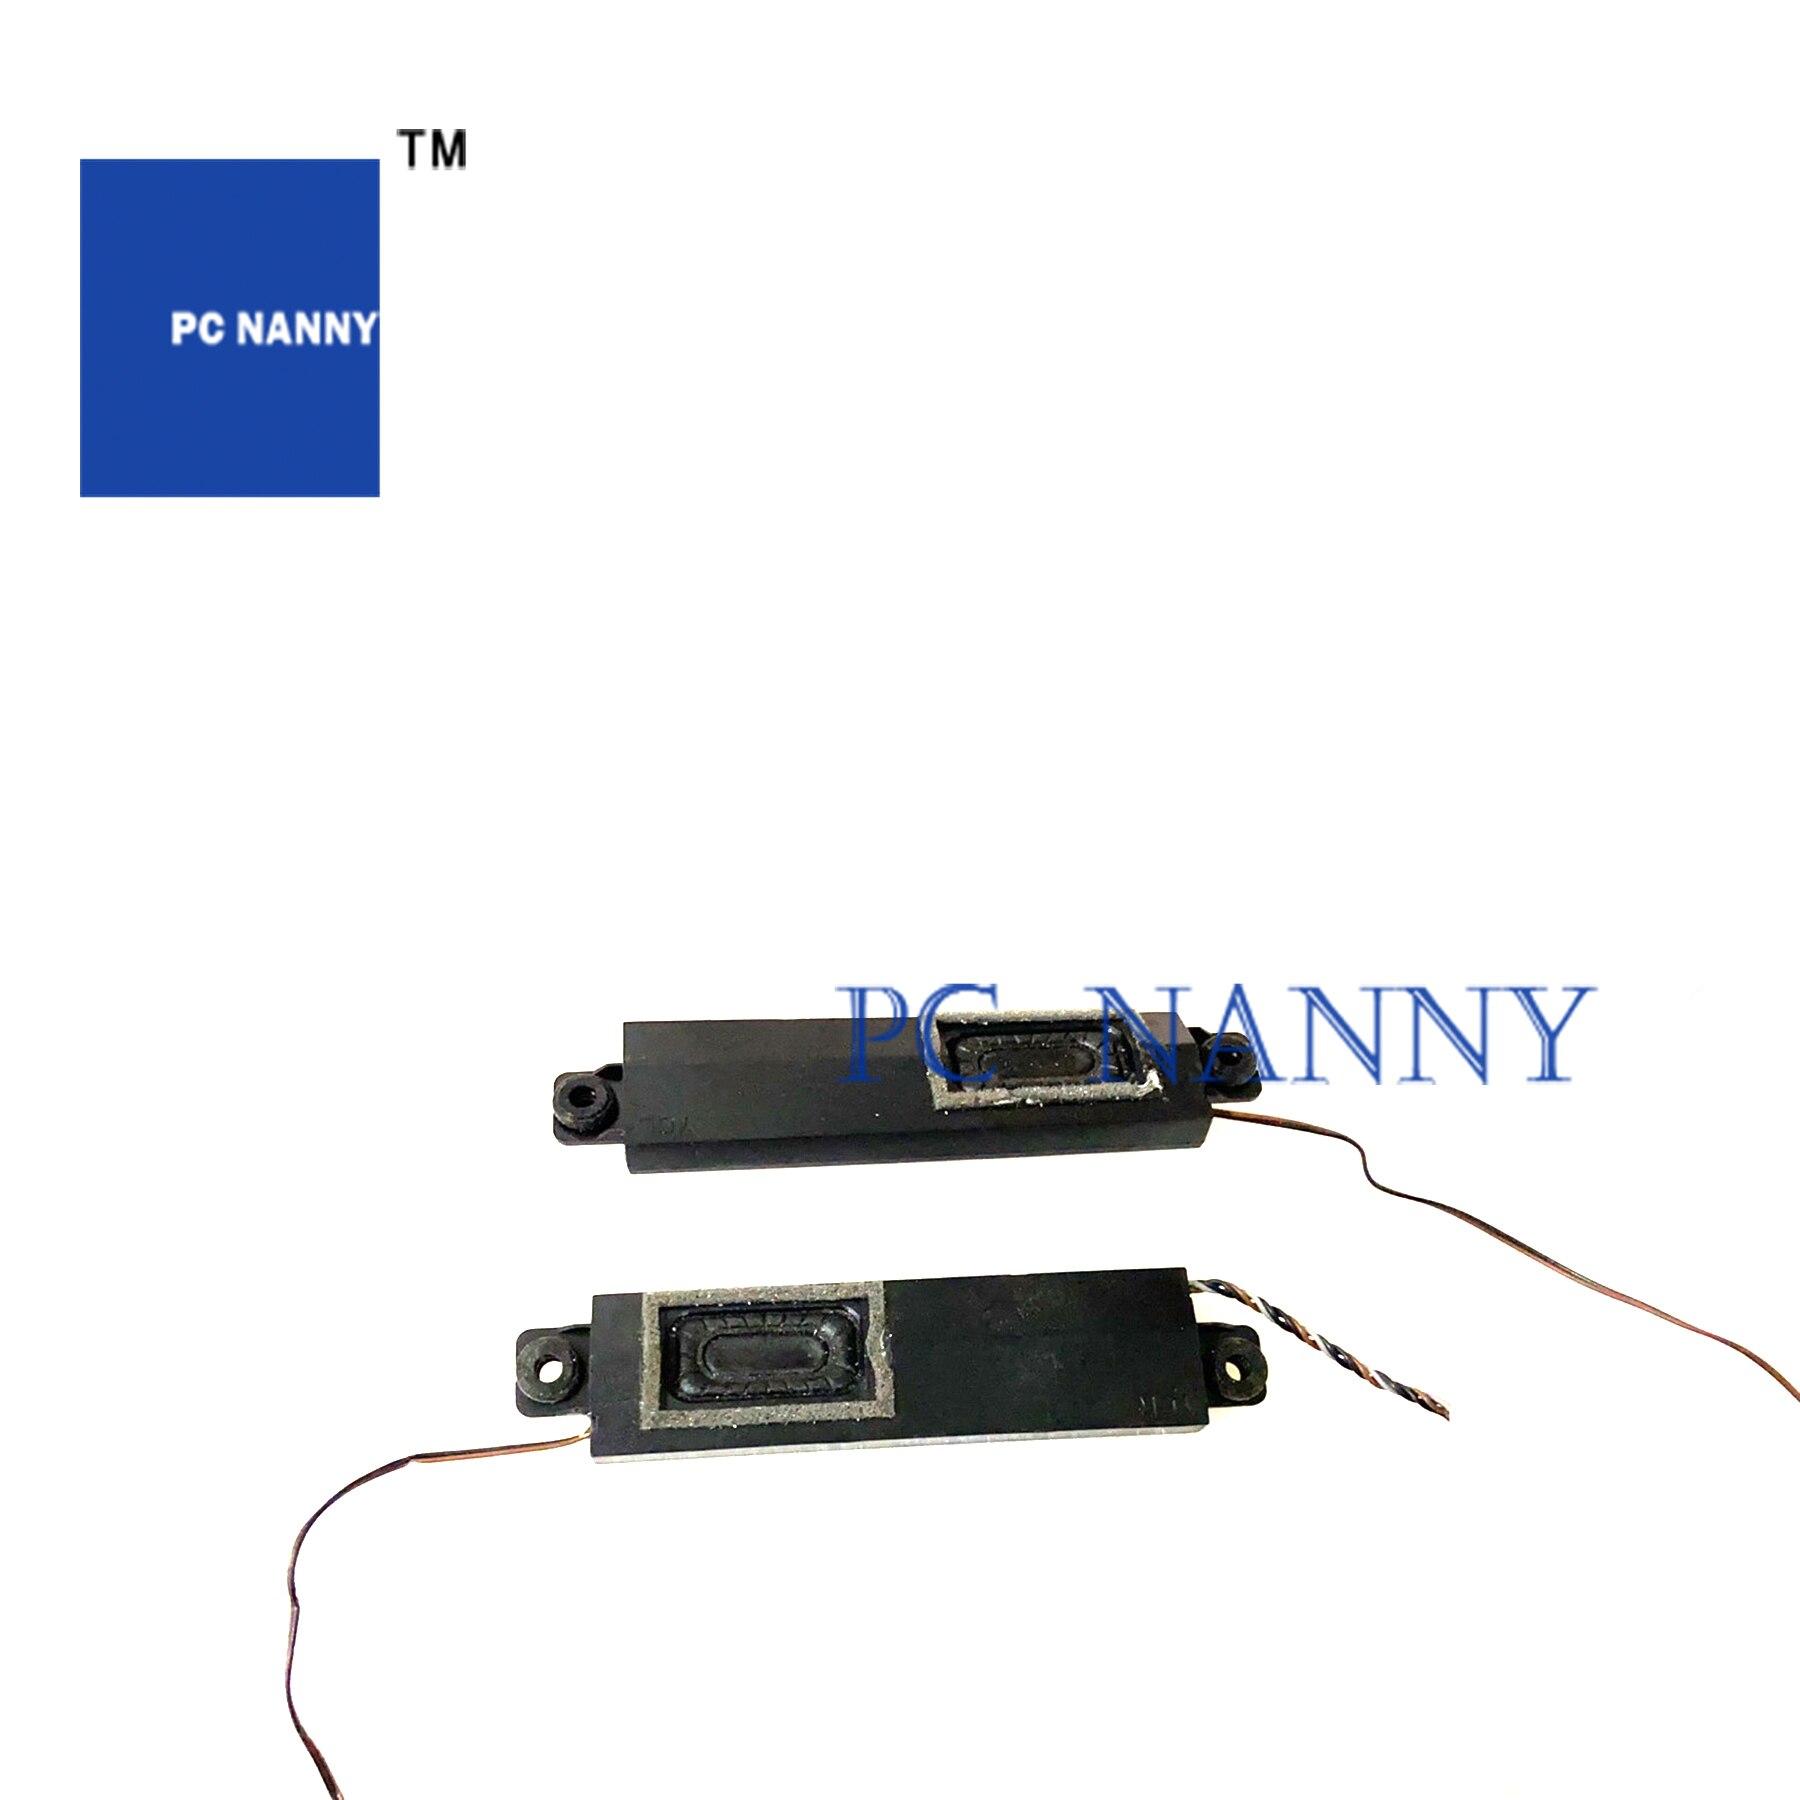 PCNANNY для Lenovo IdeaPad S350-17 S350-17ADA hdd жесткий диск колонки с ЖК-дисплеем кабель DC020027A20